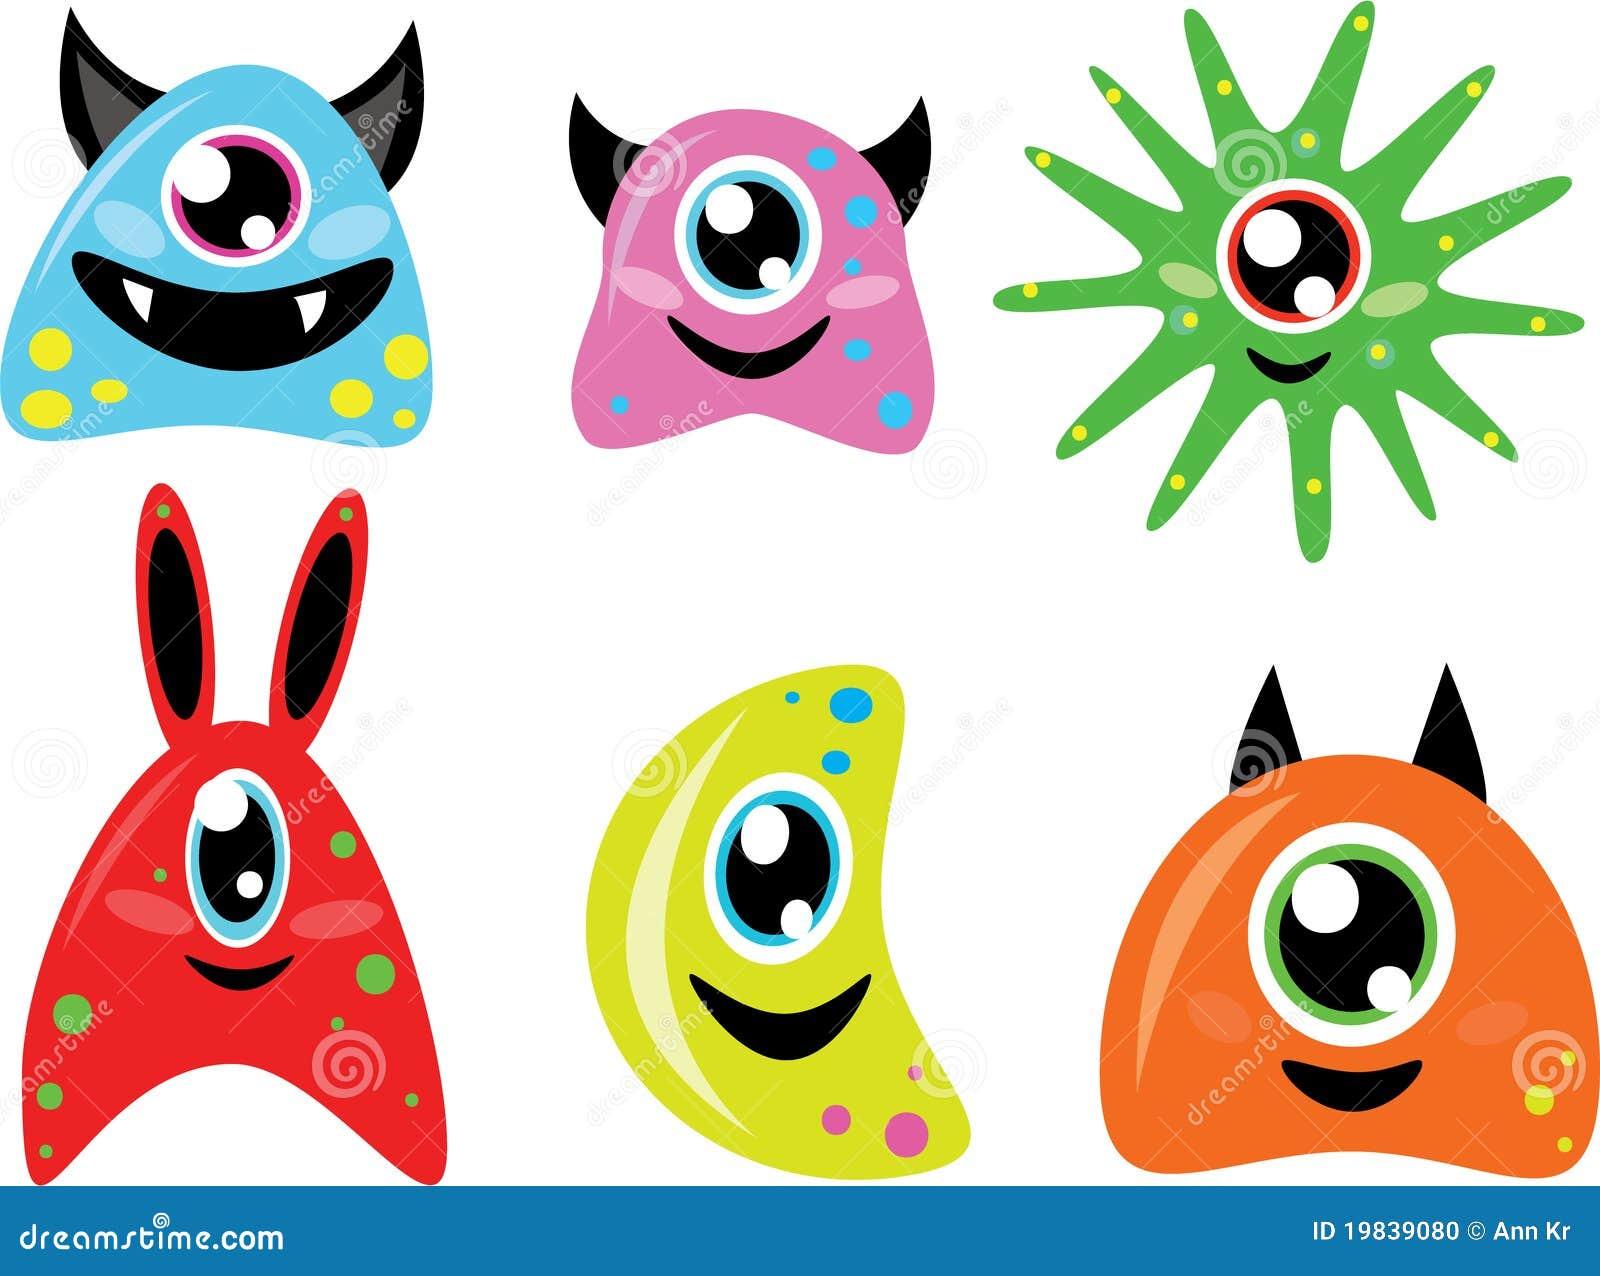 cute-doodle-monsters-19839080.jpg